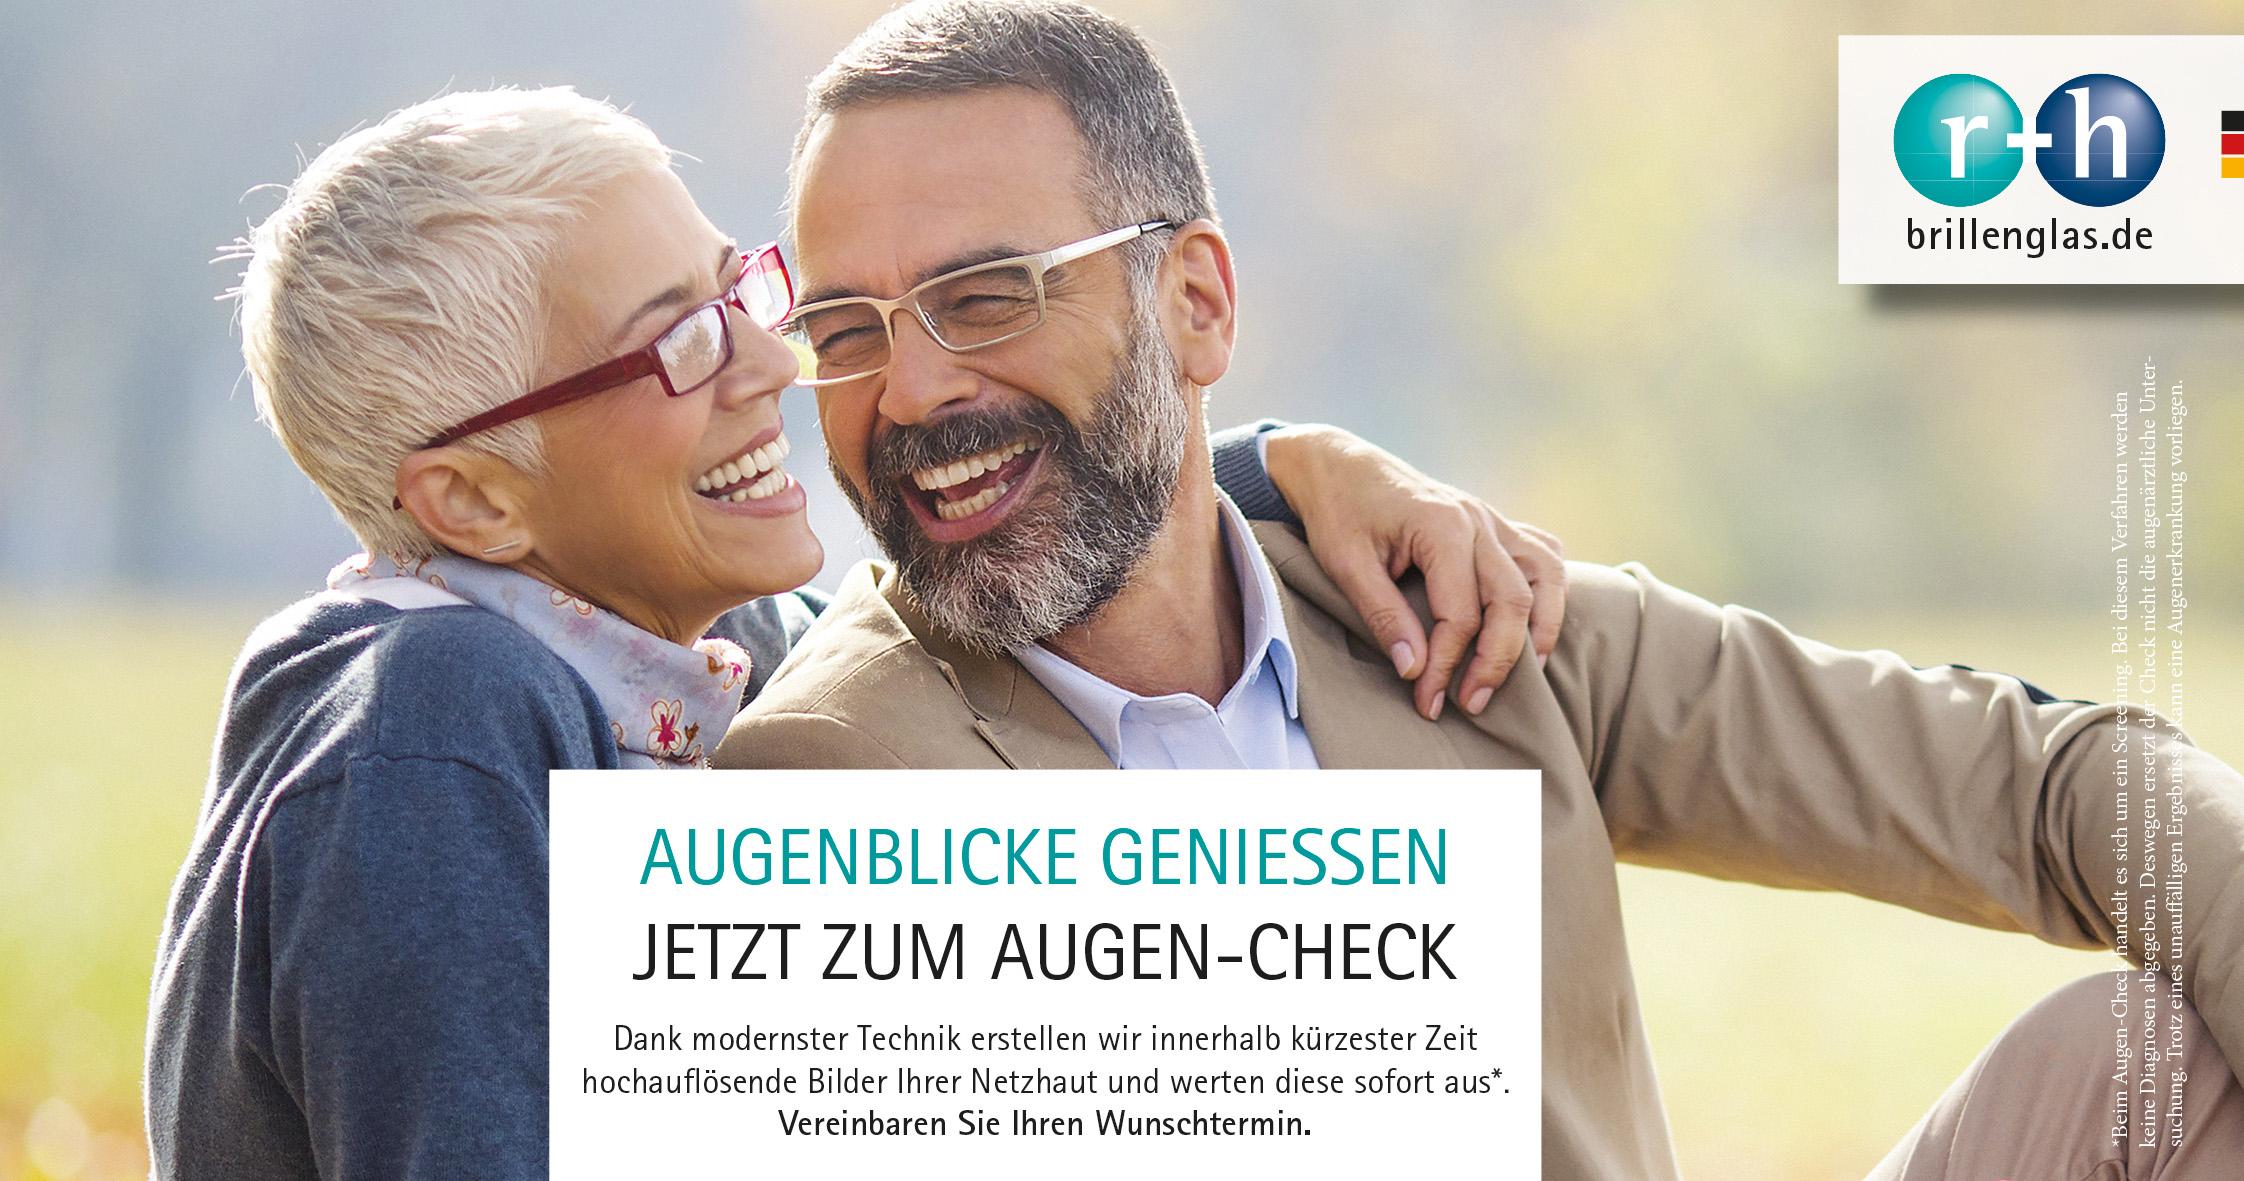 Facebook_Funduskamera_otik_schuhmann_augencheck_gesundheit